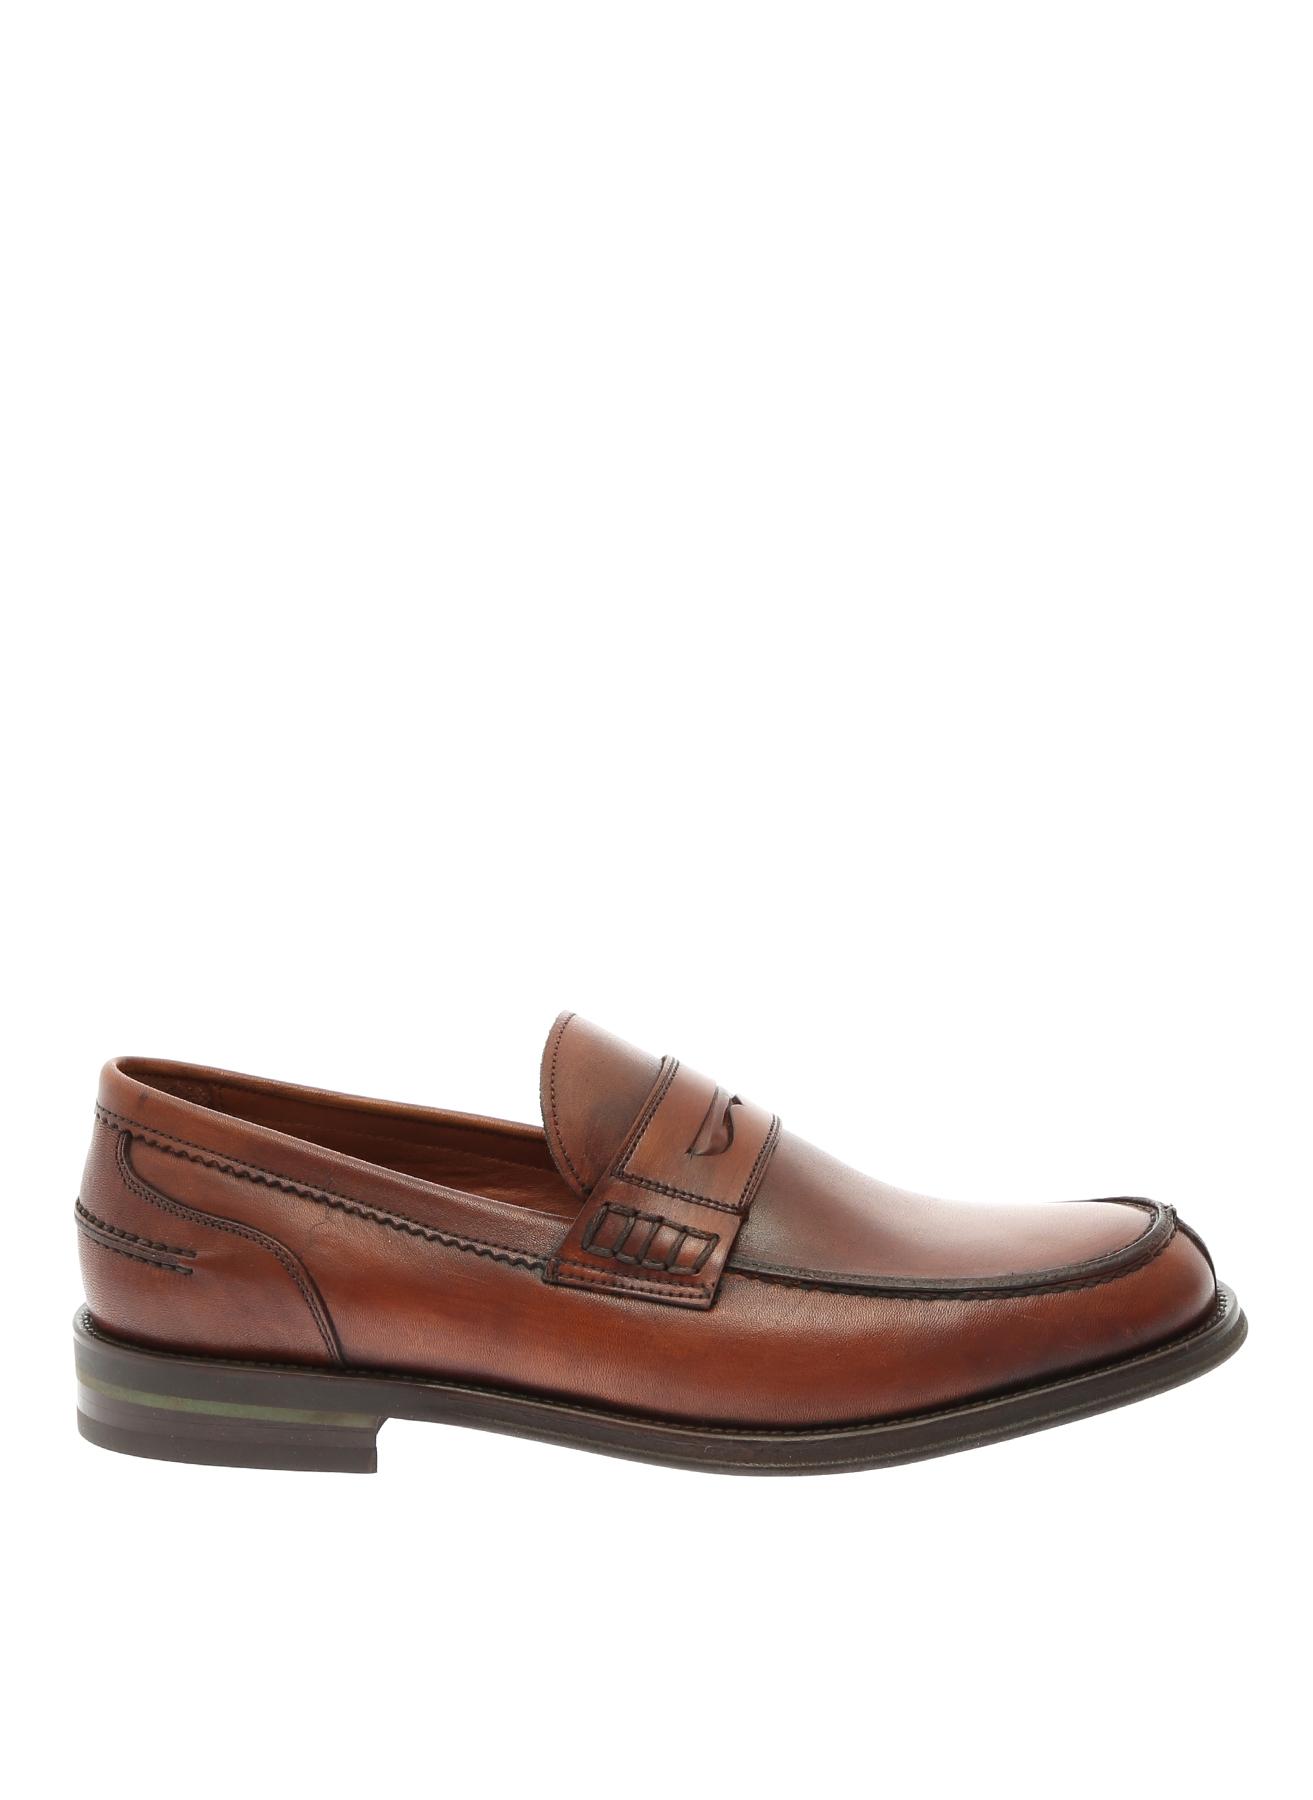 George Hogg Klasik Ayakkabı 42 5001907930003 Ürün Resmi